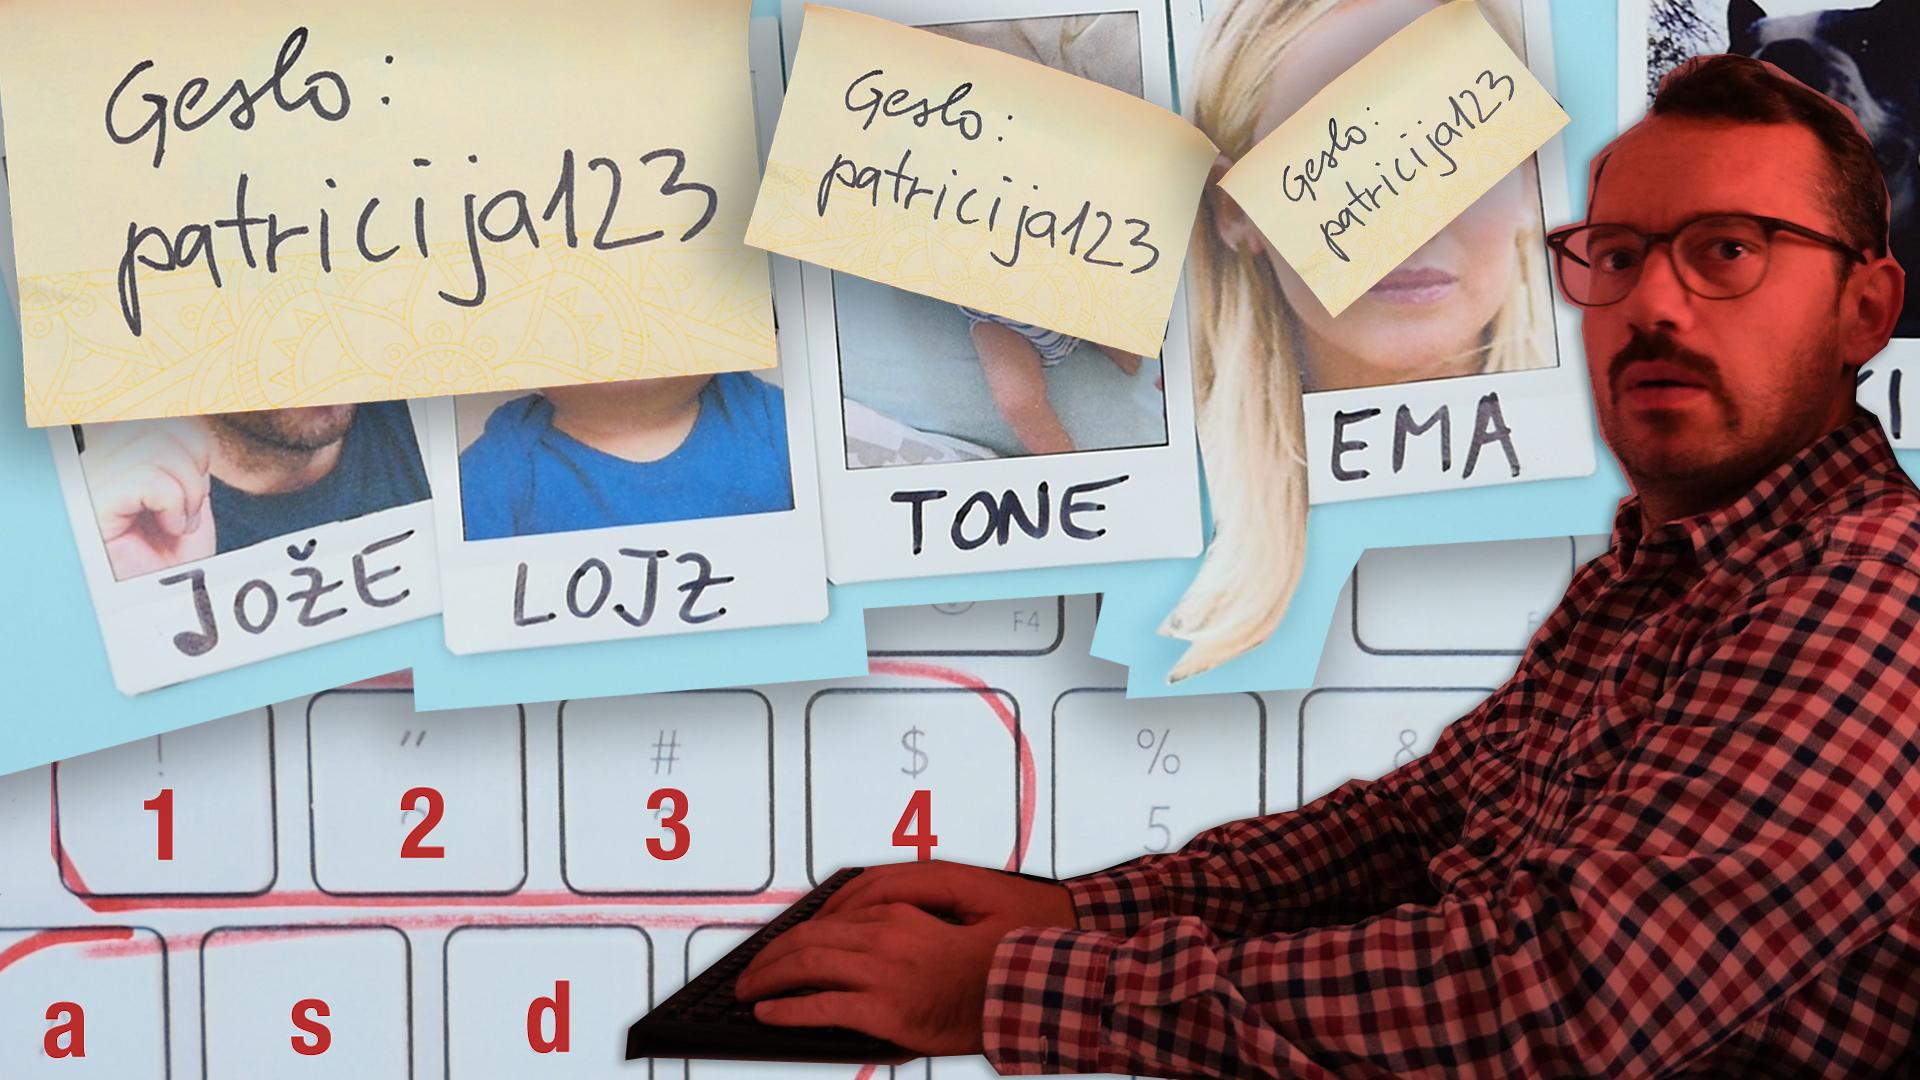 Naslovna slika videa, na kateri je Jože zadaj pa primeri gesel, ki sestojijo iz imen otrok